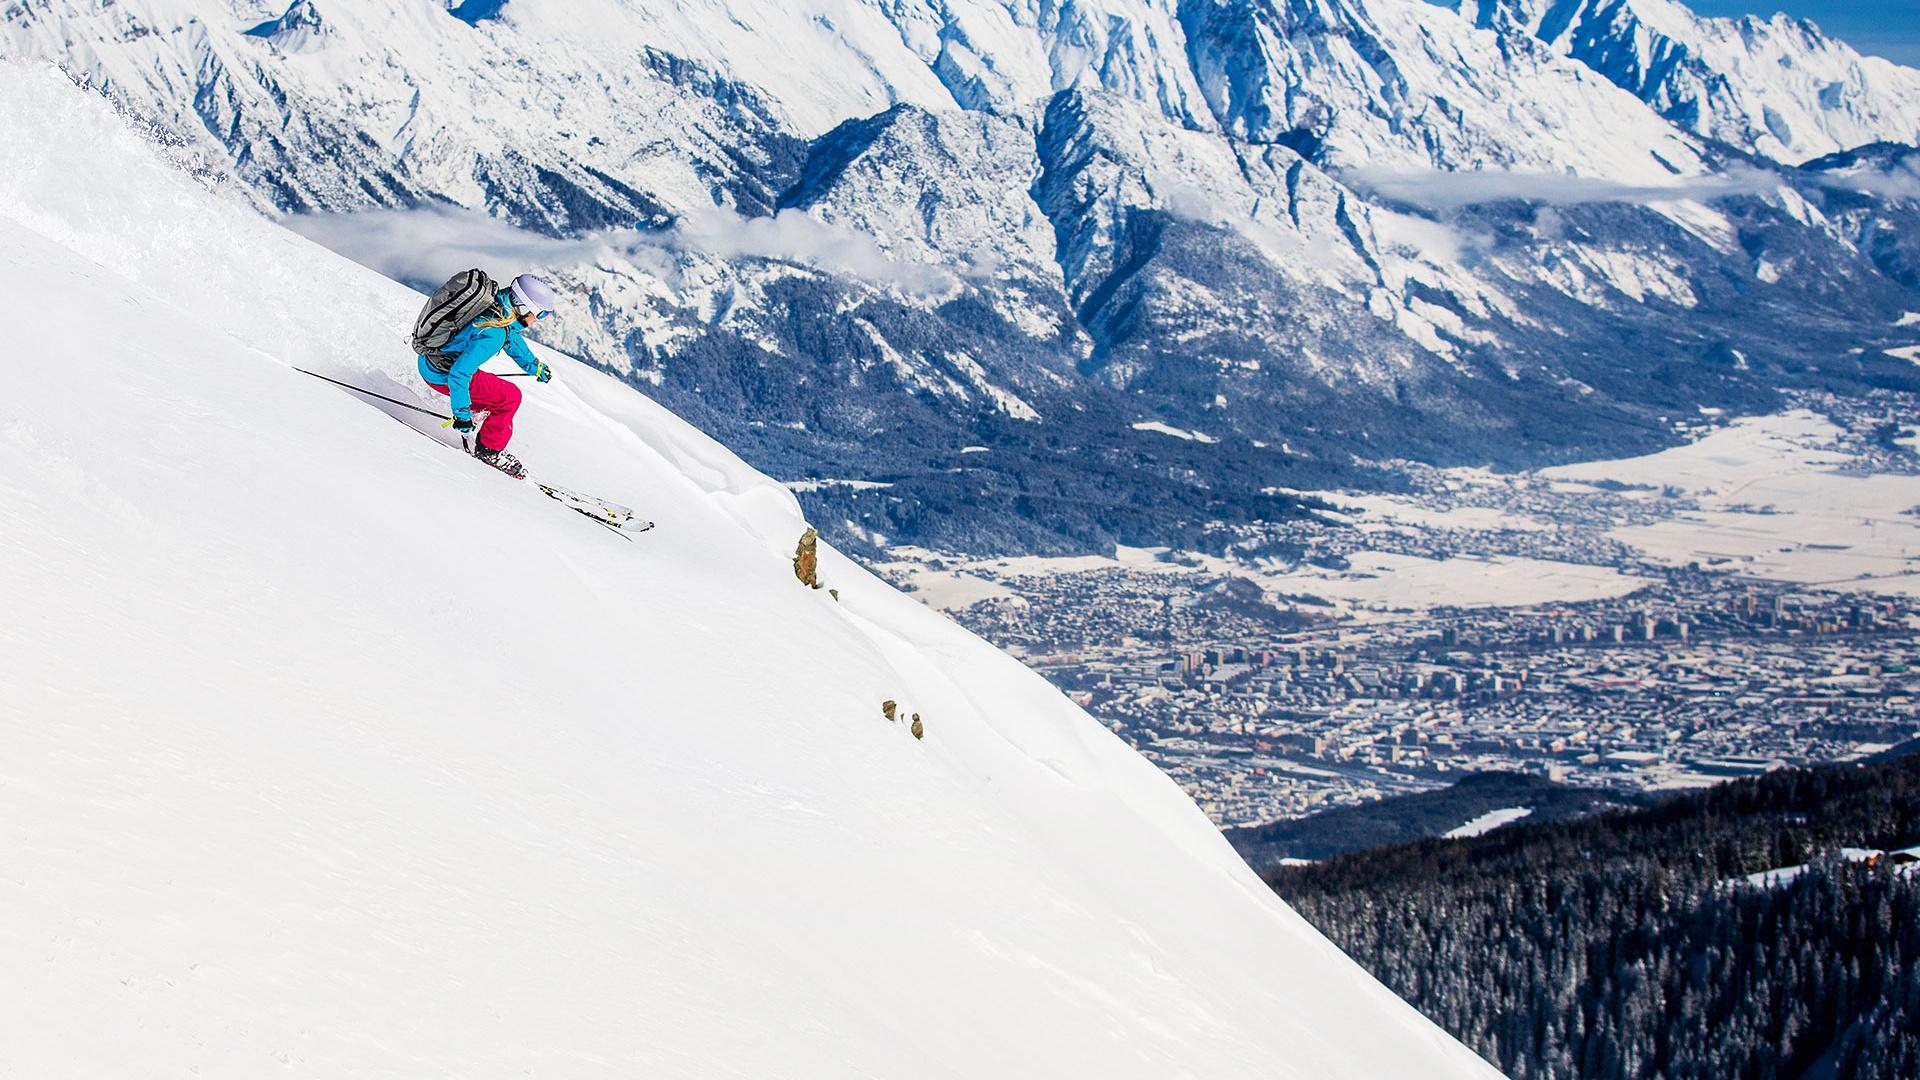 Cross country skiier on the slopes in Innsbruck, Austria